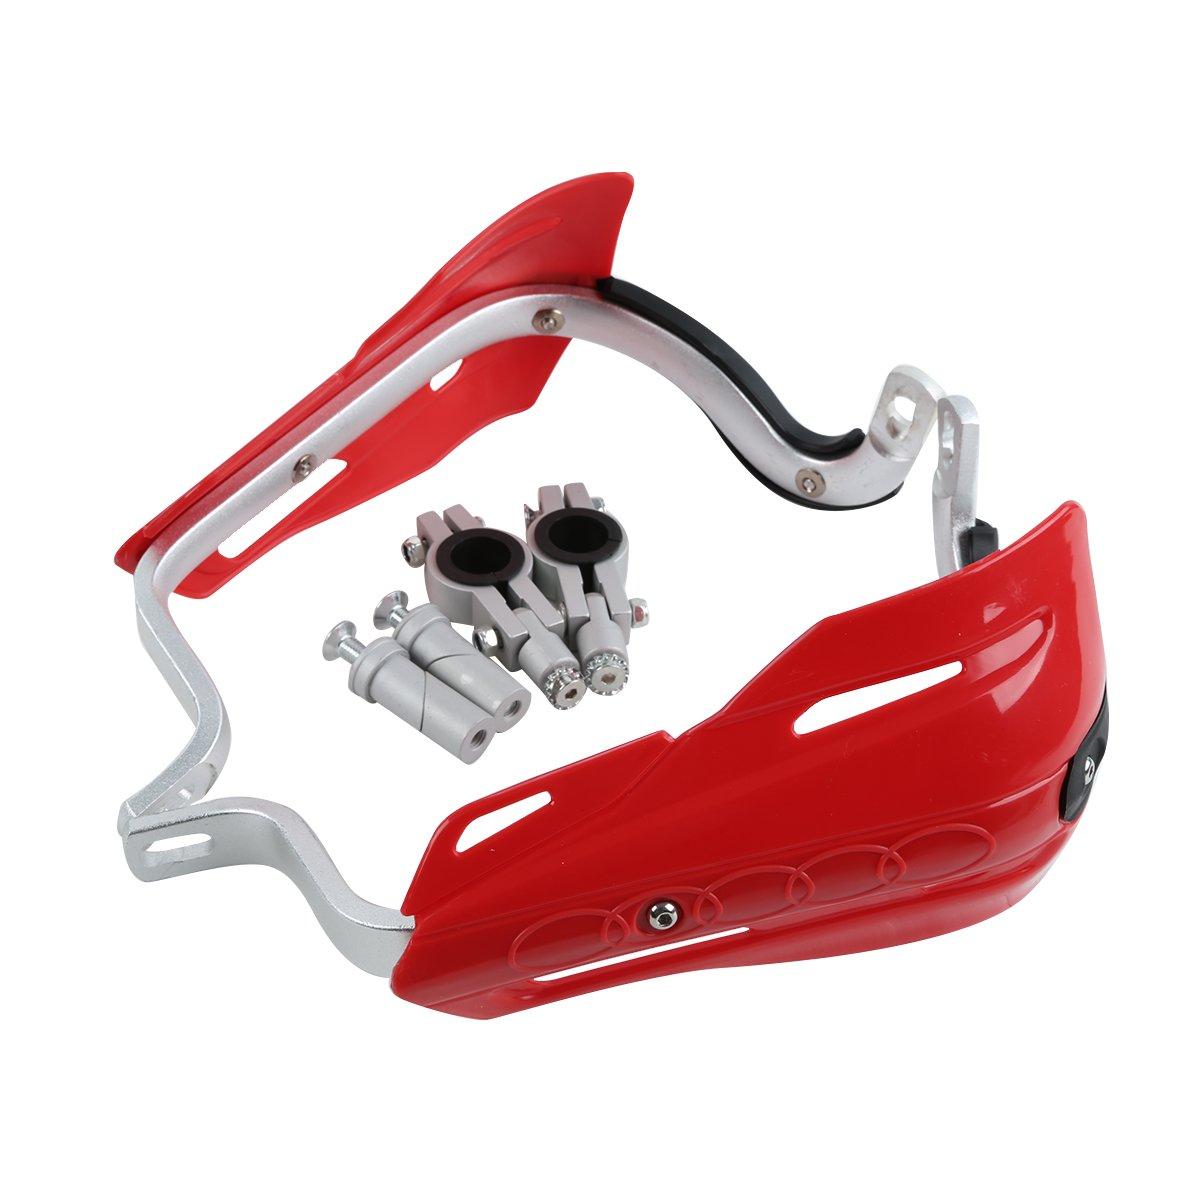 XMT-MOTO Hand Brush Guards Bar Universal fit Yamaha , honda, suzuki, kawasaki (Dirt bikes, MX bikes and ATVs.)